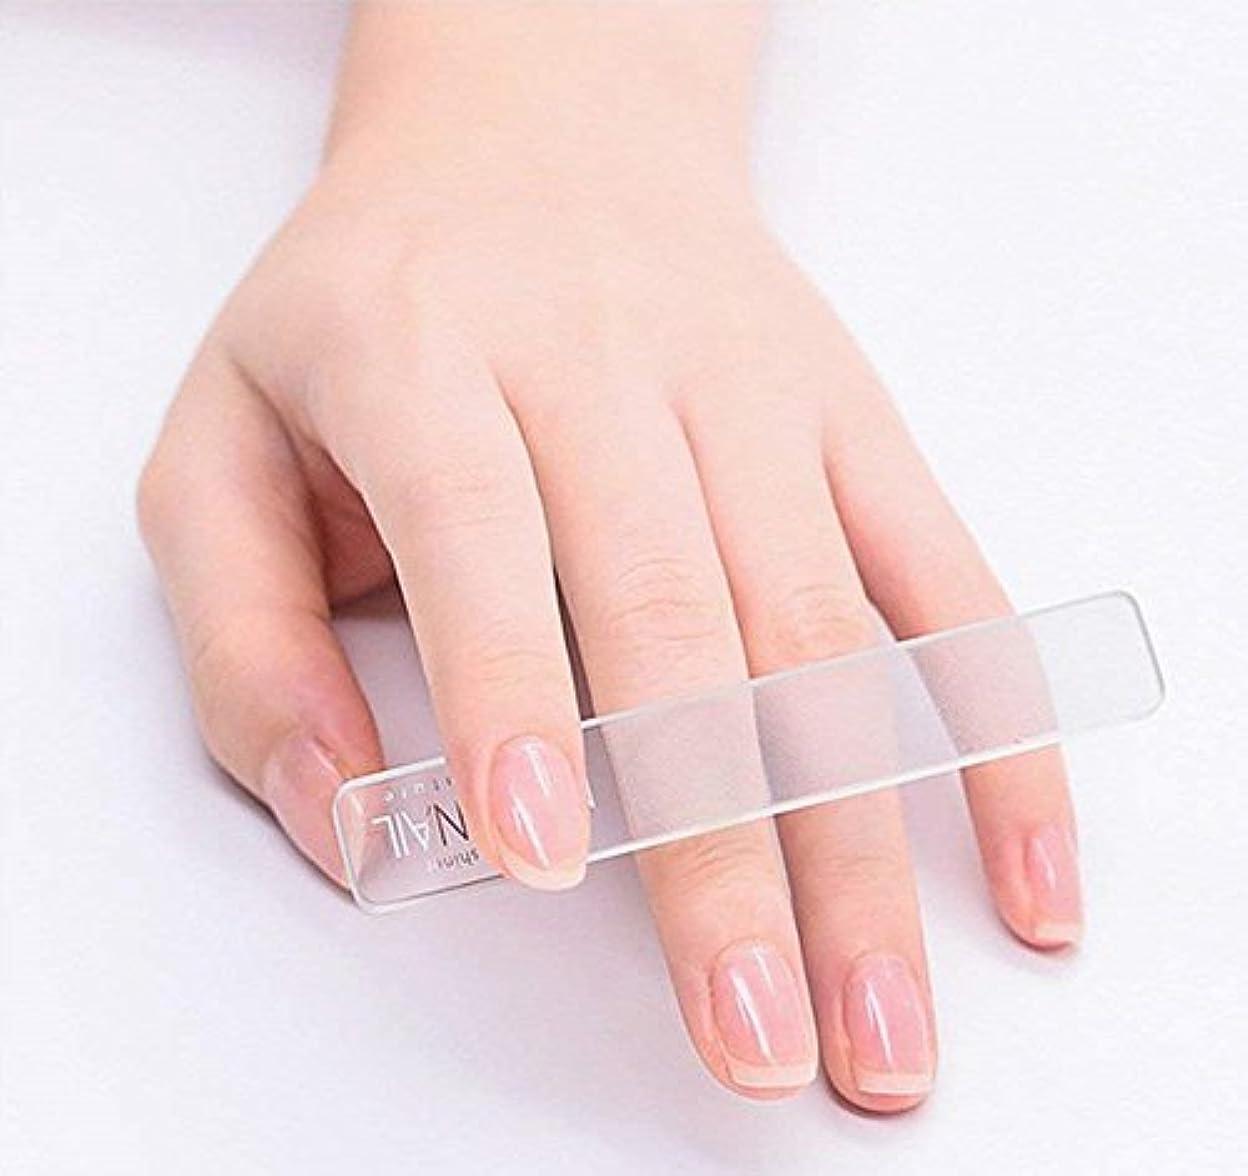 死の顎反発ブラシSmartRICH ガラス製ネイルファイル ネイル, 透明ガラスNano研磨 絶妙 爪やすり 爪磨き 立体ナノネイルファイル ネイルケア用品 美しい指先 光沢長持ち